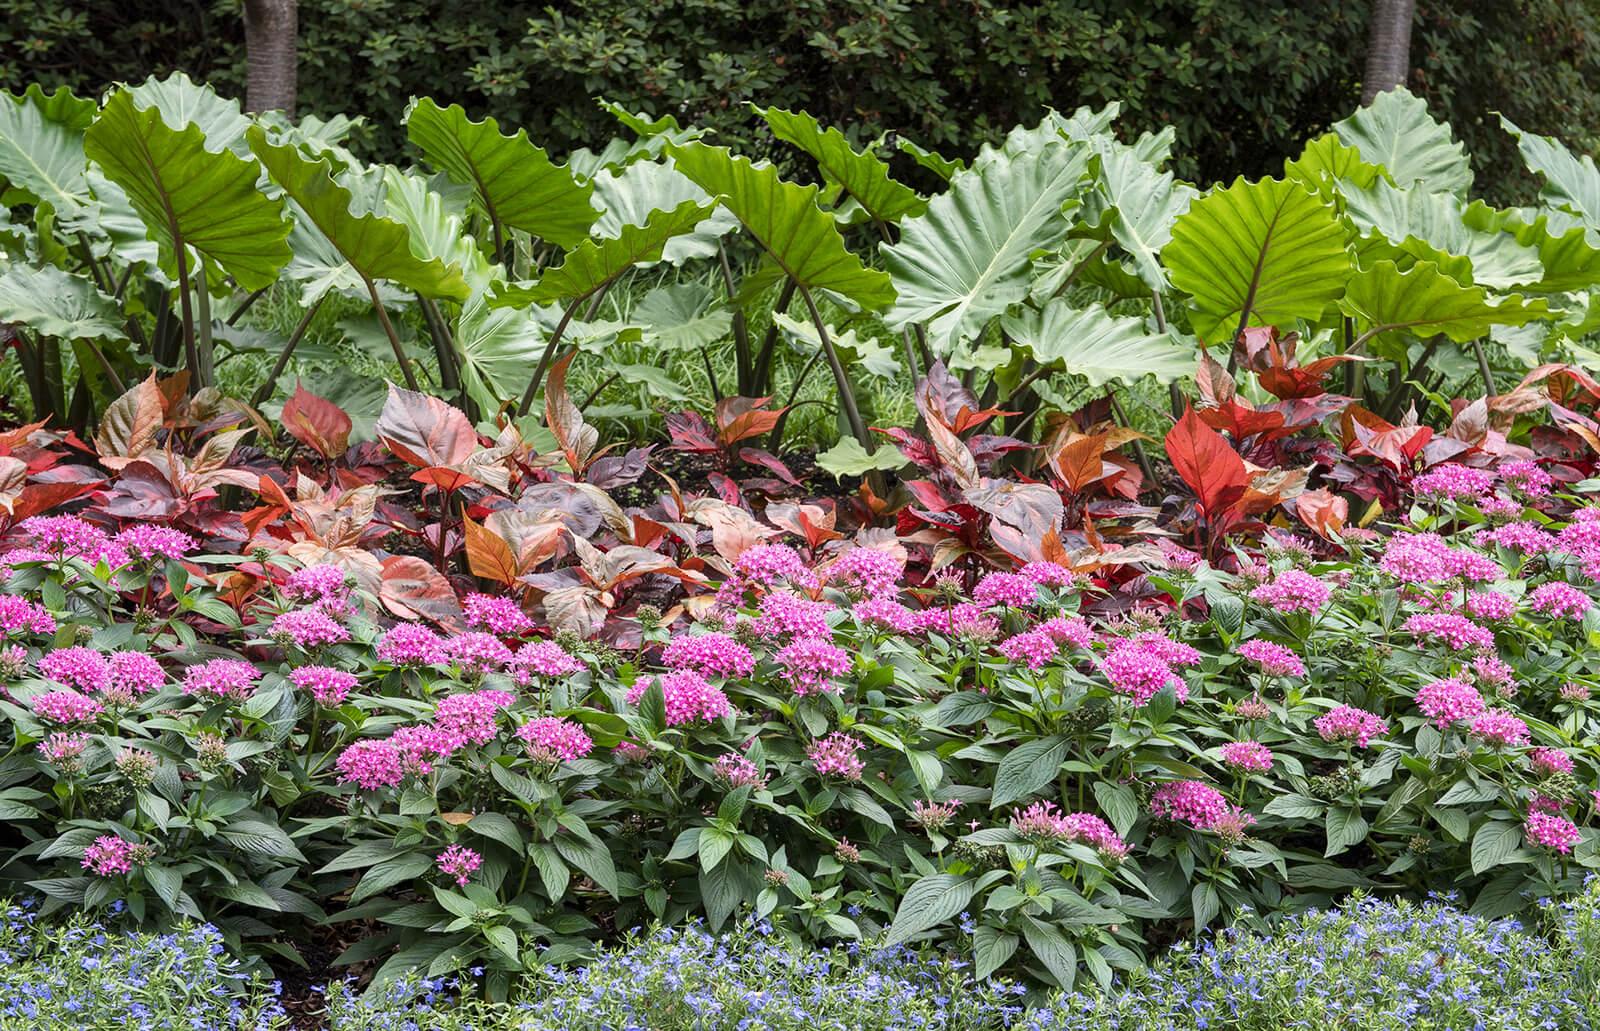 Rain Garden Design Planning And Tips Lovetoknow